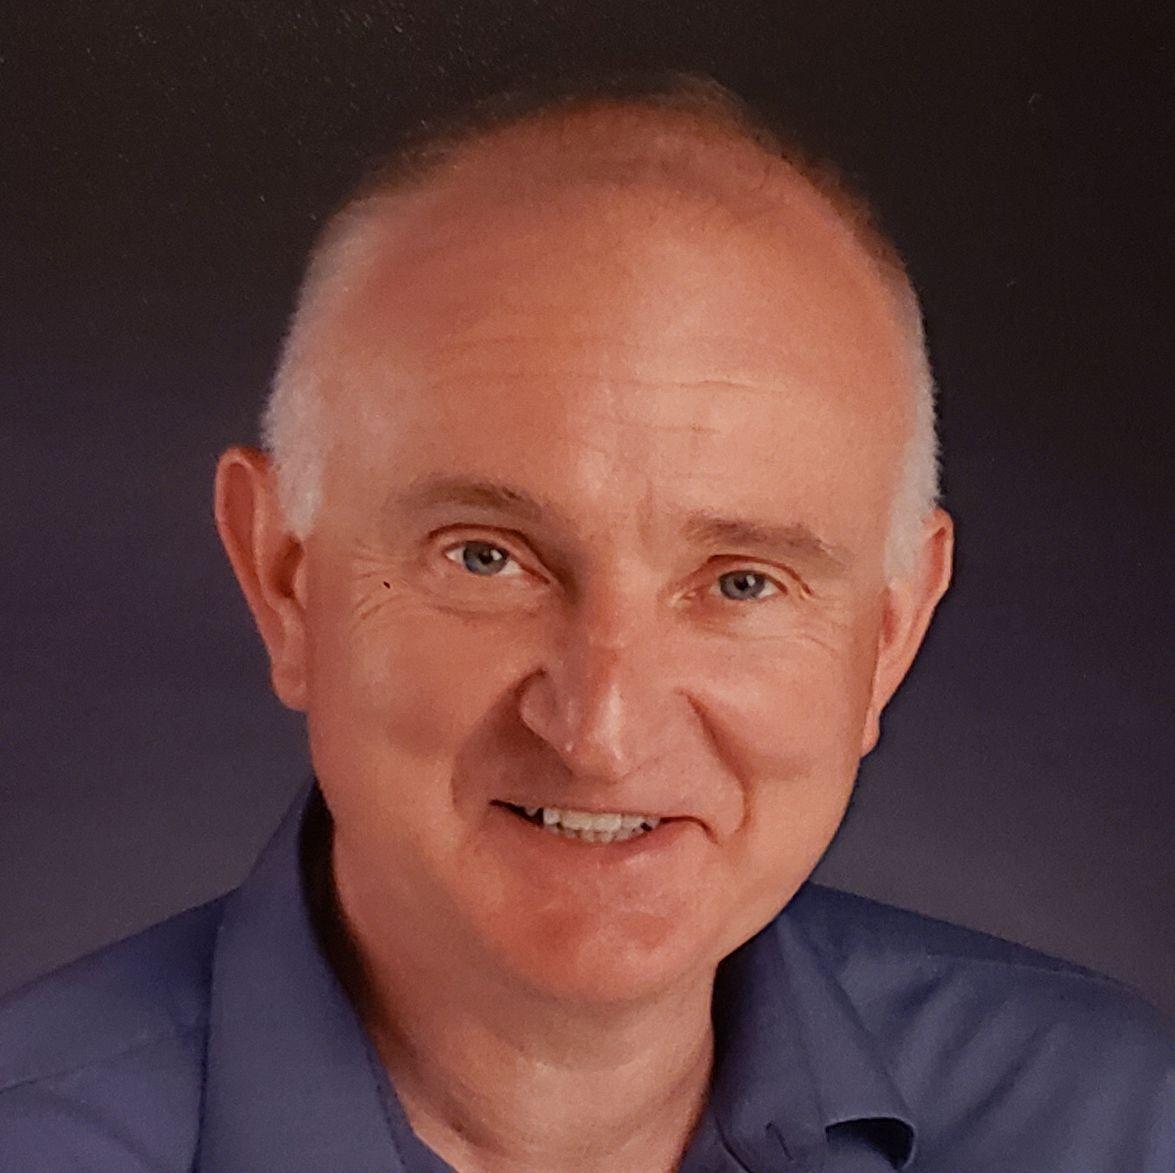 Stankiewicz